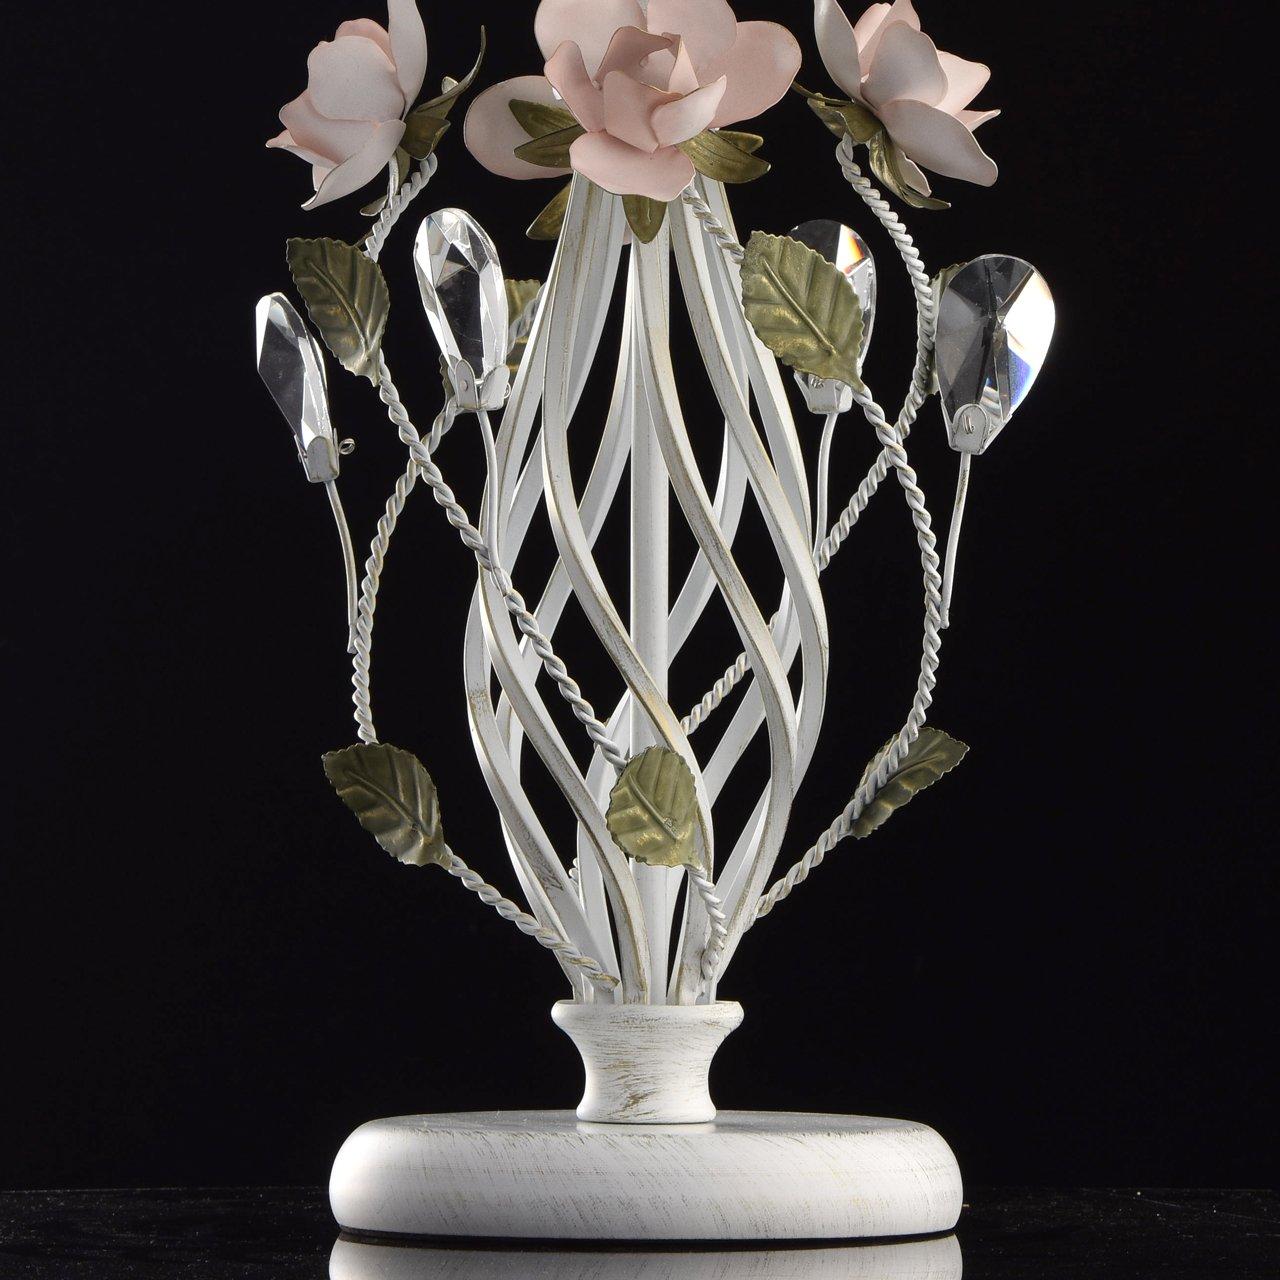 MW-Light 421012508 Florentiner Kerzen Kronleuchter Wei/ß Metall Gr/ün Keramik Blumen Bl/ätter mit Kristall 8 Flammig E14 x 40W